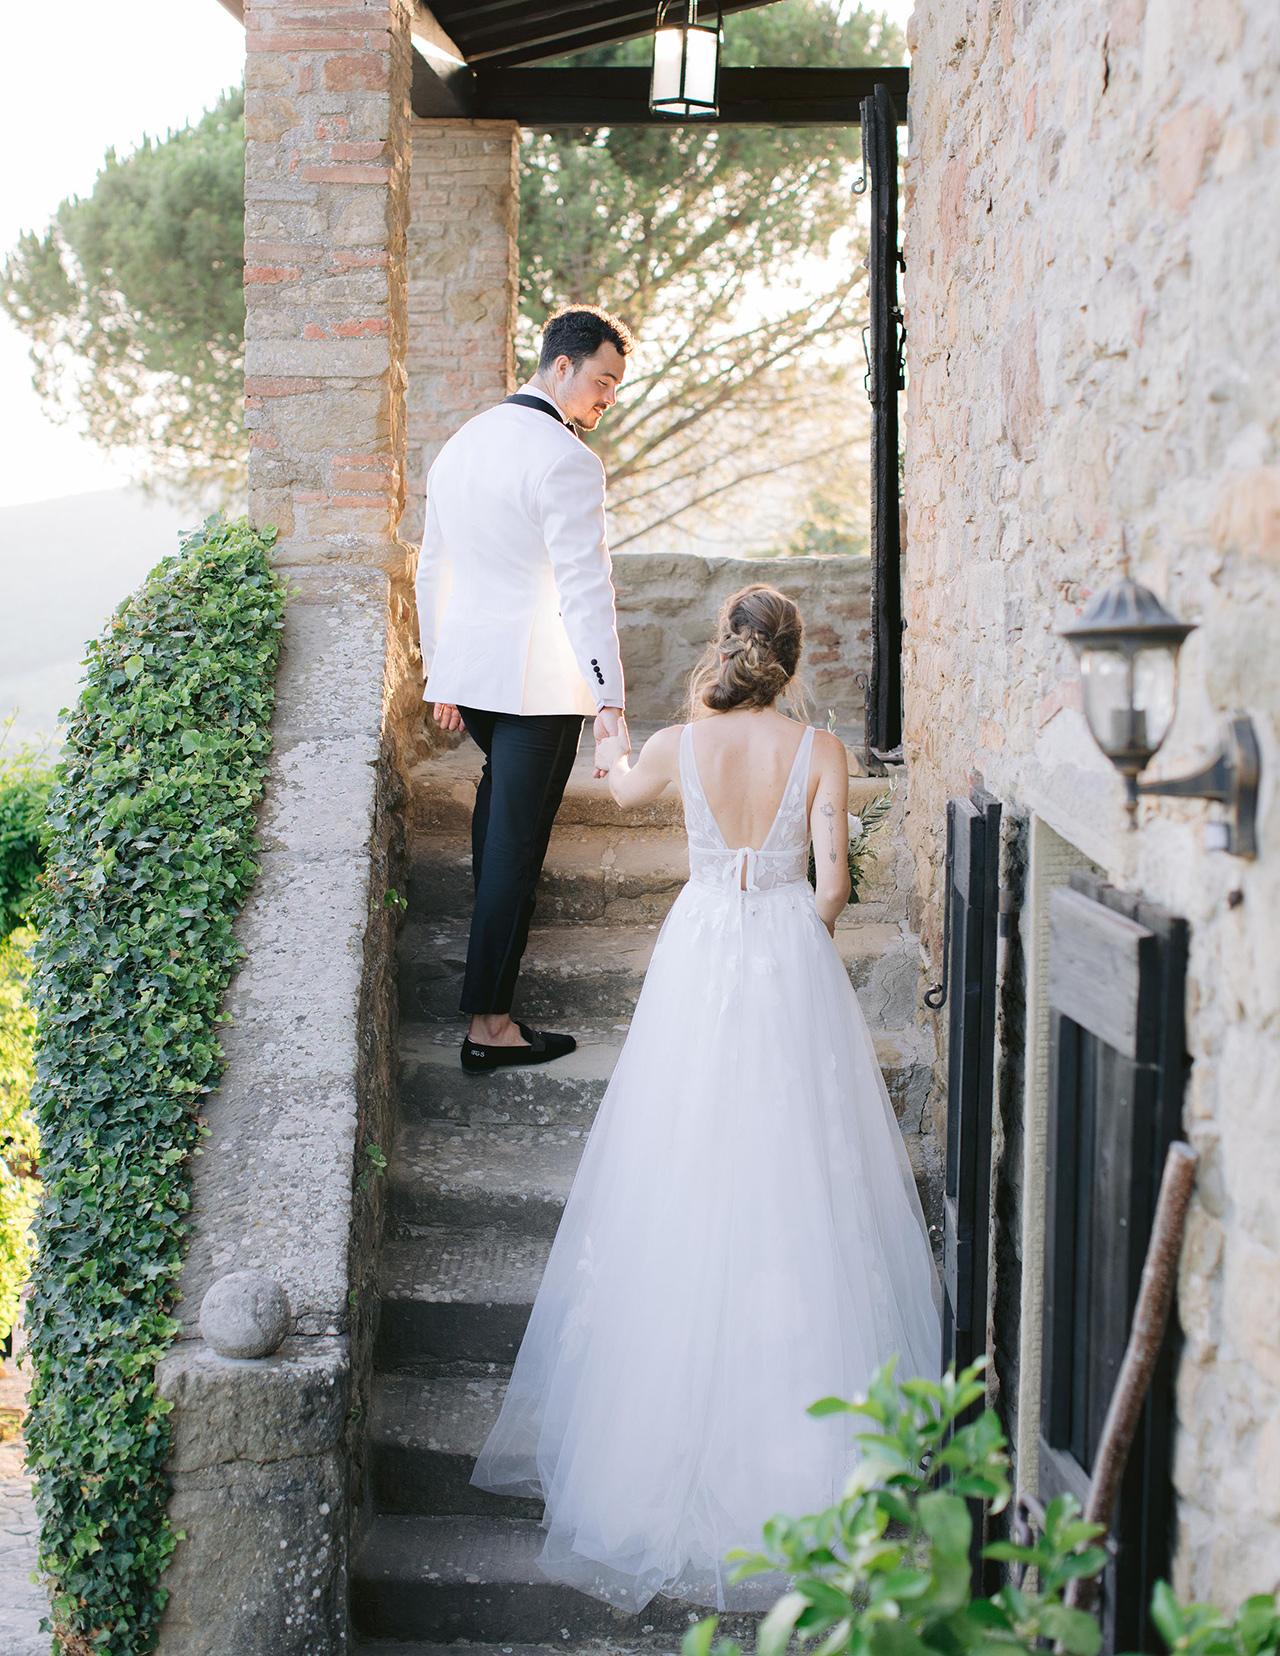 bride groom walk up building stairs